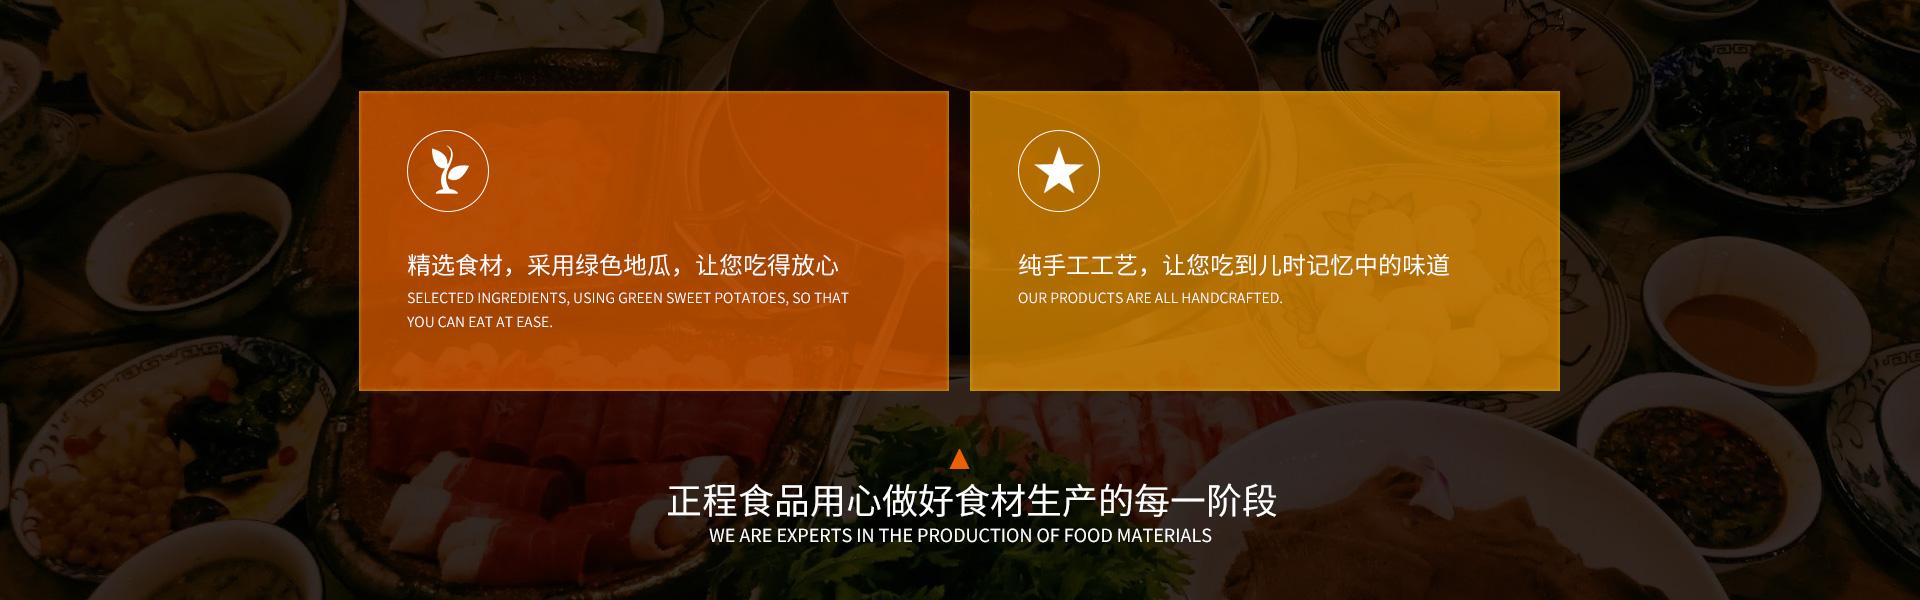 红薯粉生产厂家,火锅宽粉,山东纯绿豆粉条,宽粉生产厂家